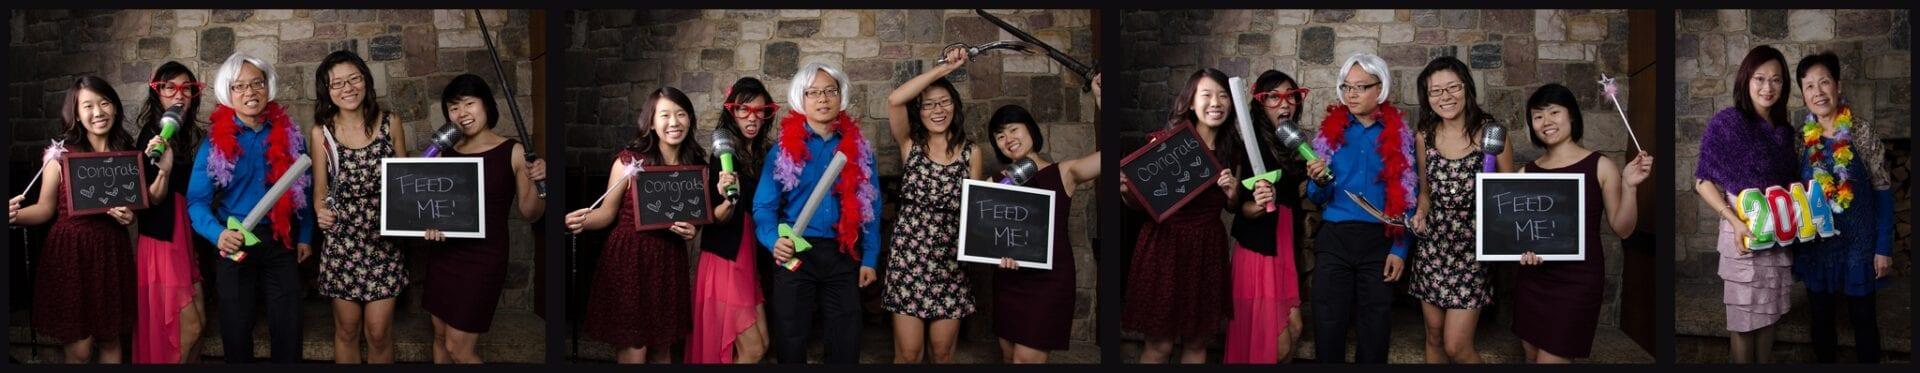 Edmonton-Wedding-photo-booth-Photography-115